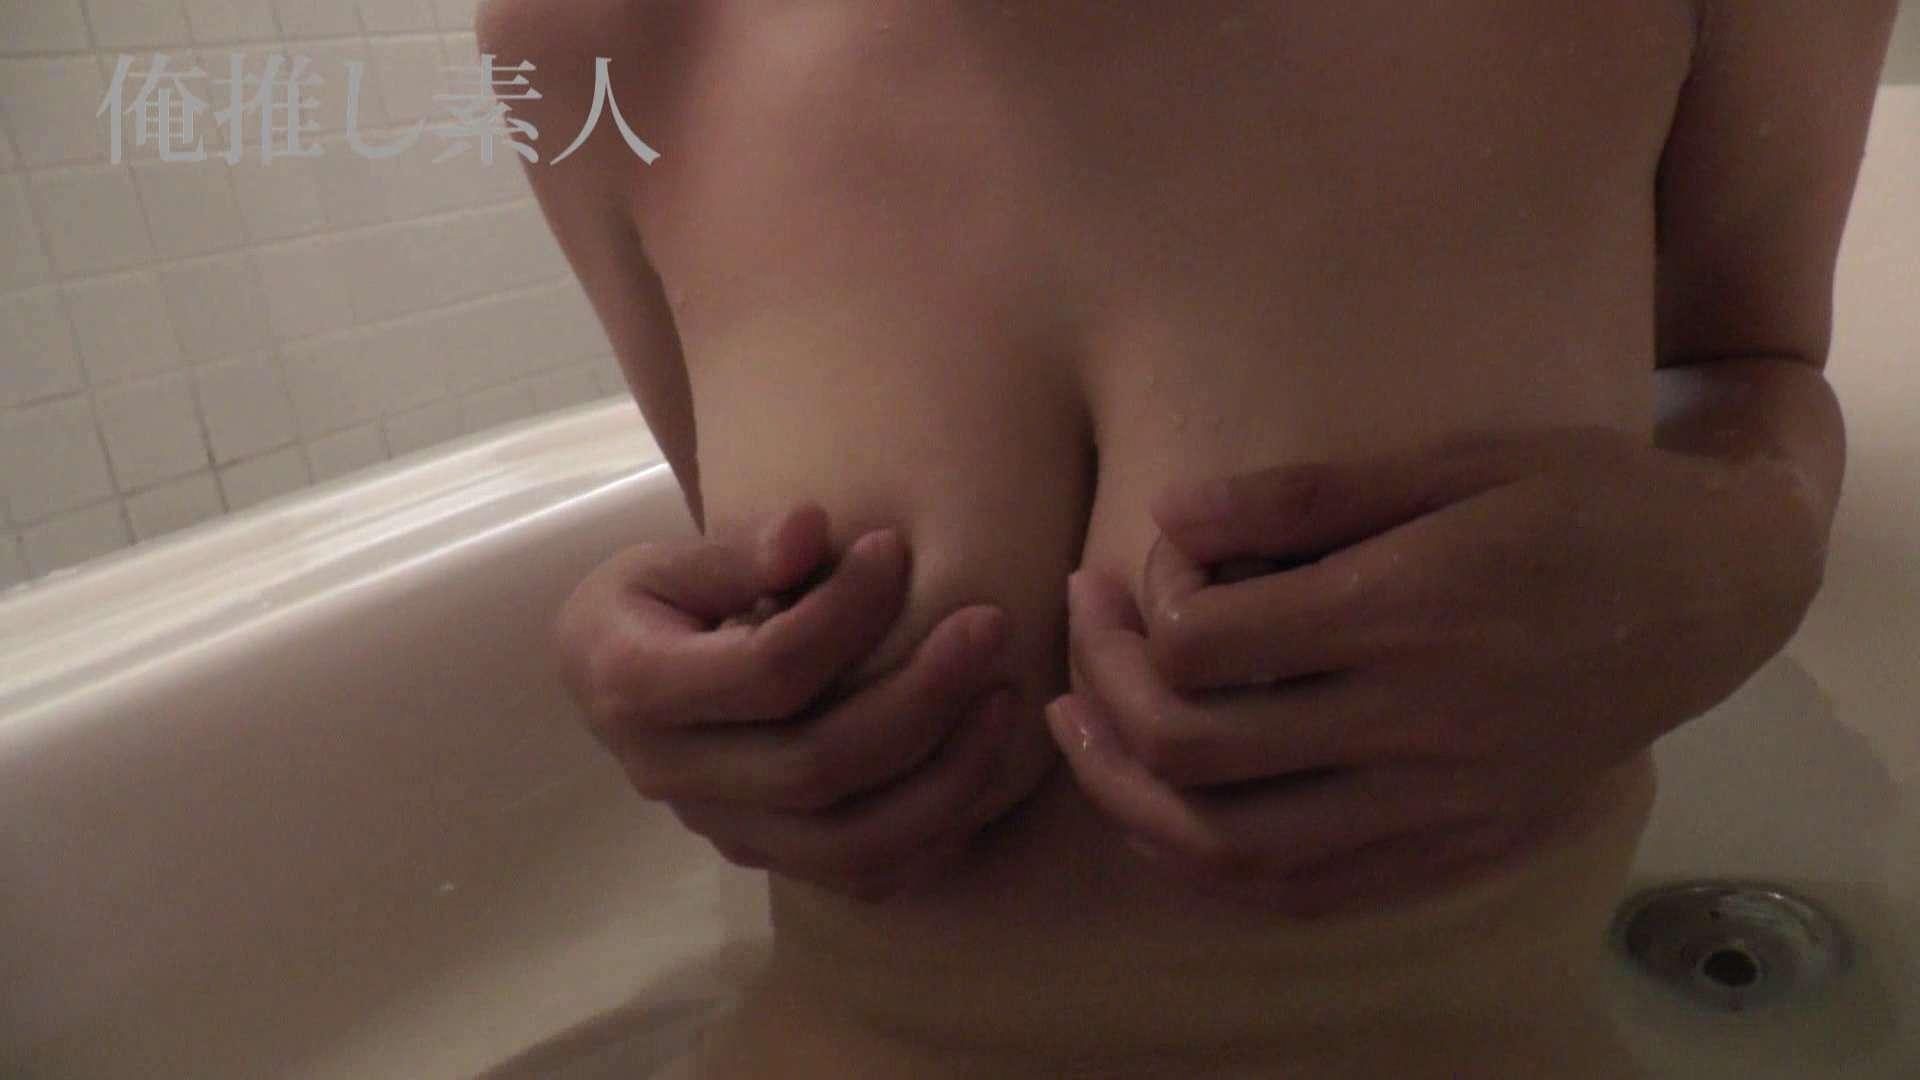 俺推し素人 30代人妻熟女キャバ嬢雫Vol.02 人妻のエロ生活 SEX無修正画像 69連発 10